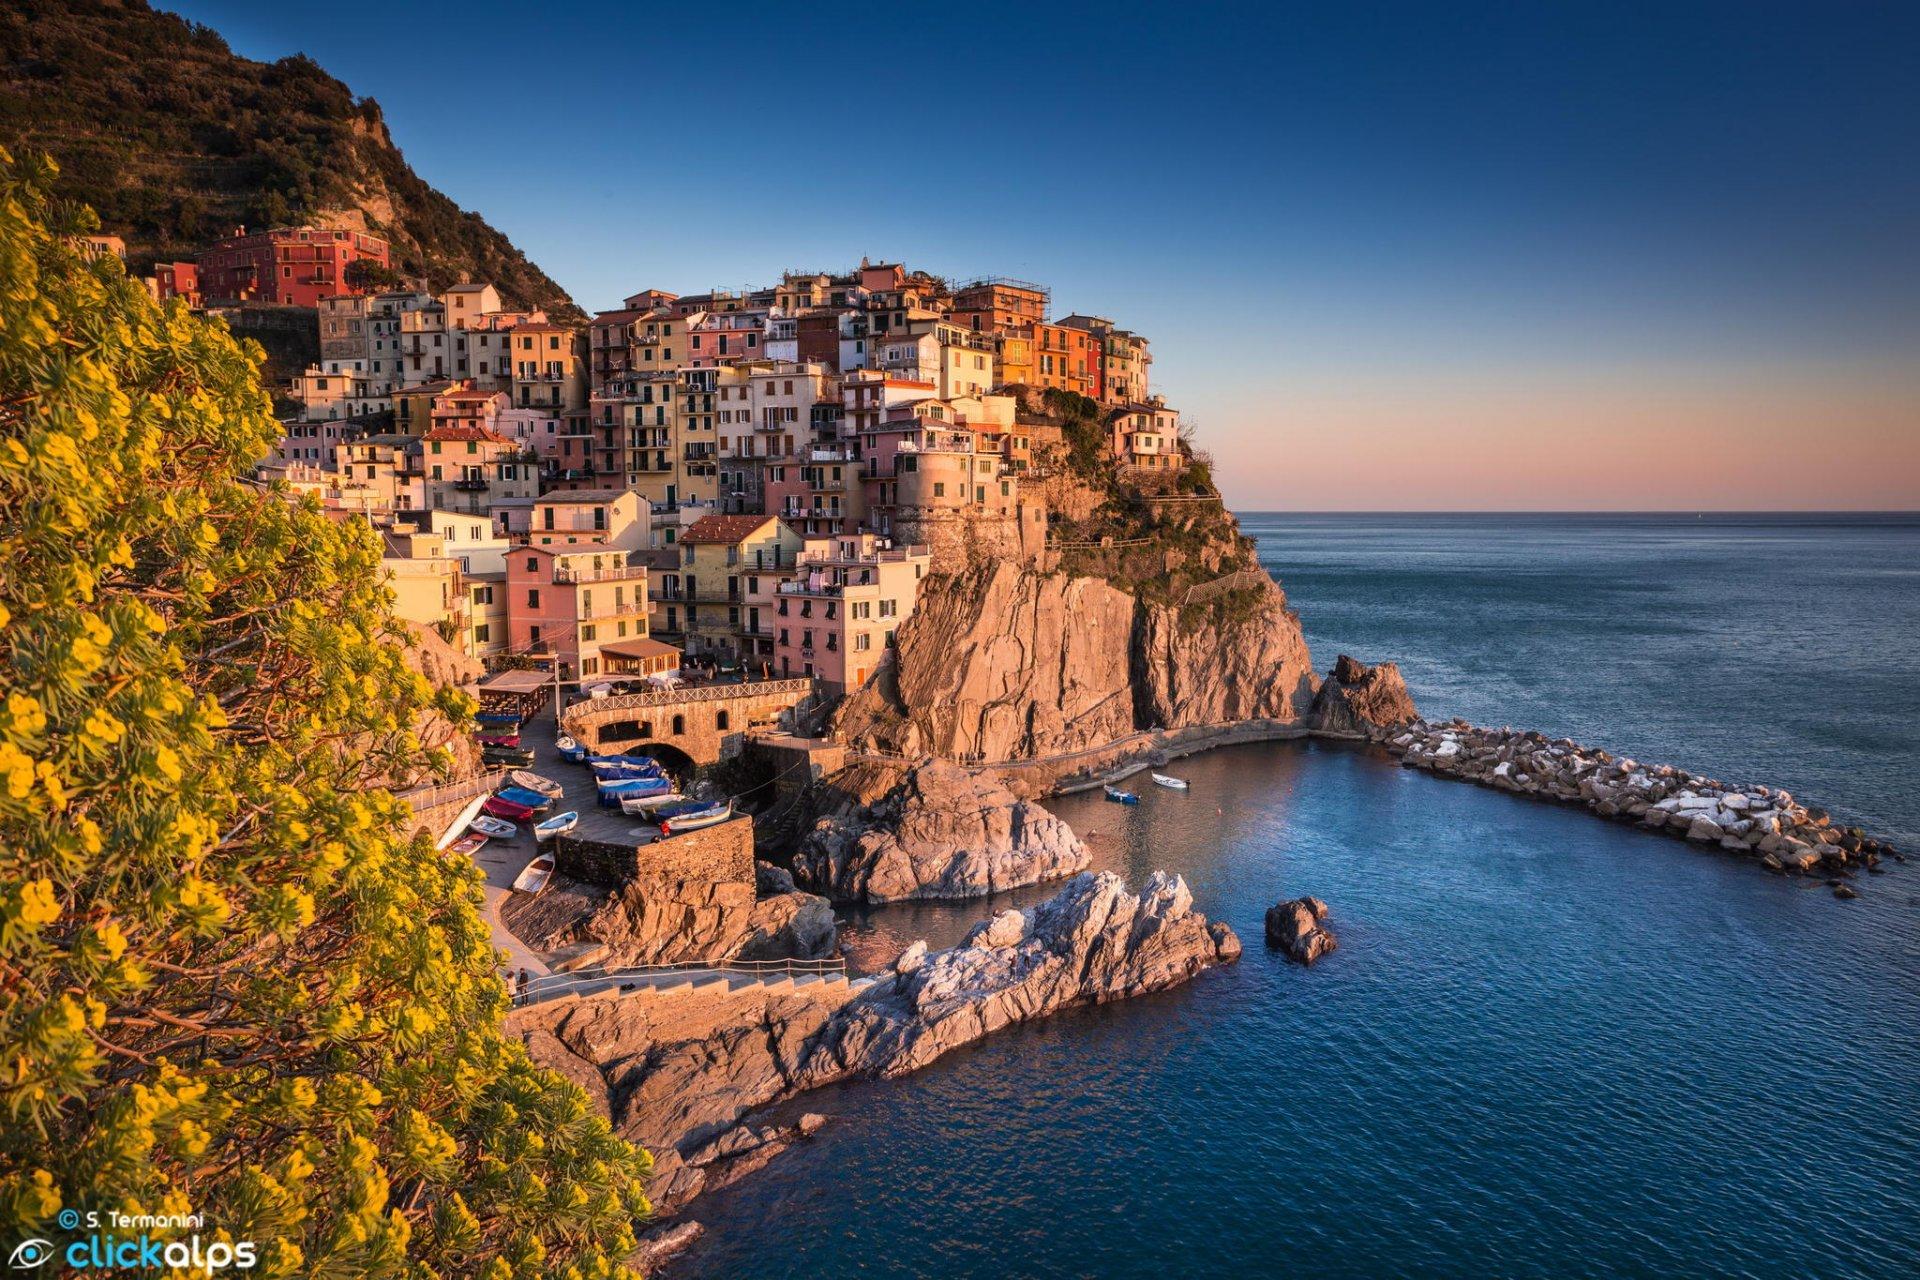 Обои дома, лигурийское побережье, скалы, чинкве-терре, бухта, риомаджоре, лодки. Города foto 10